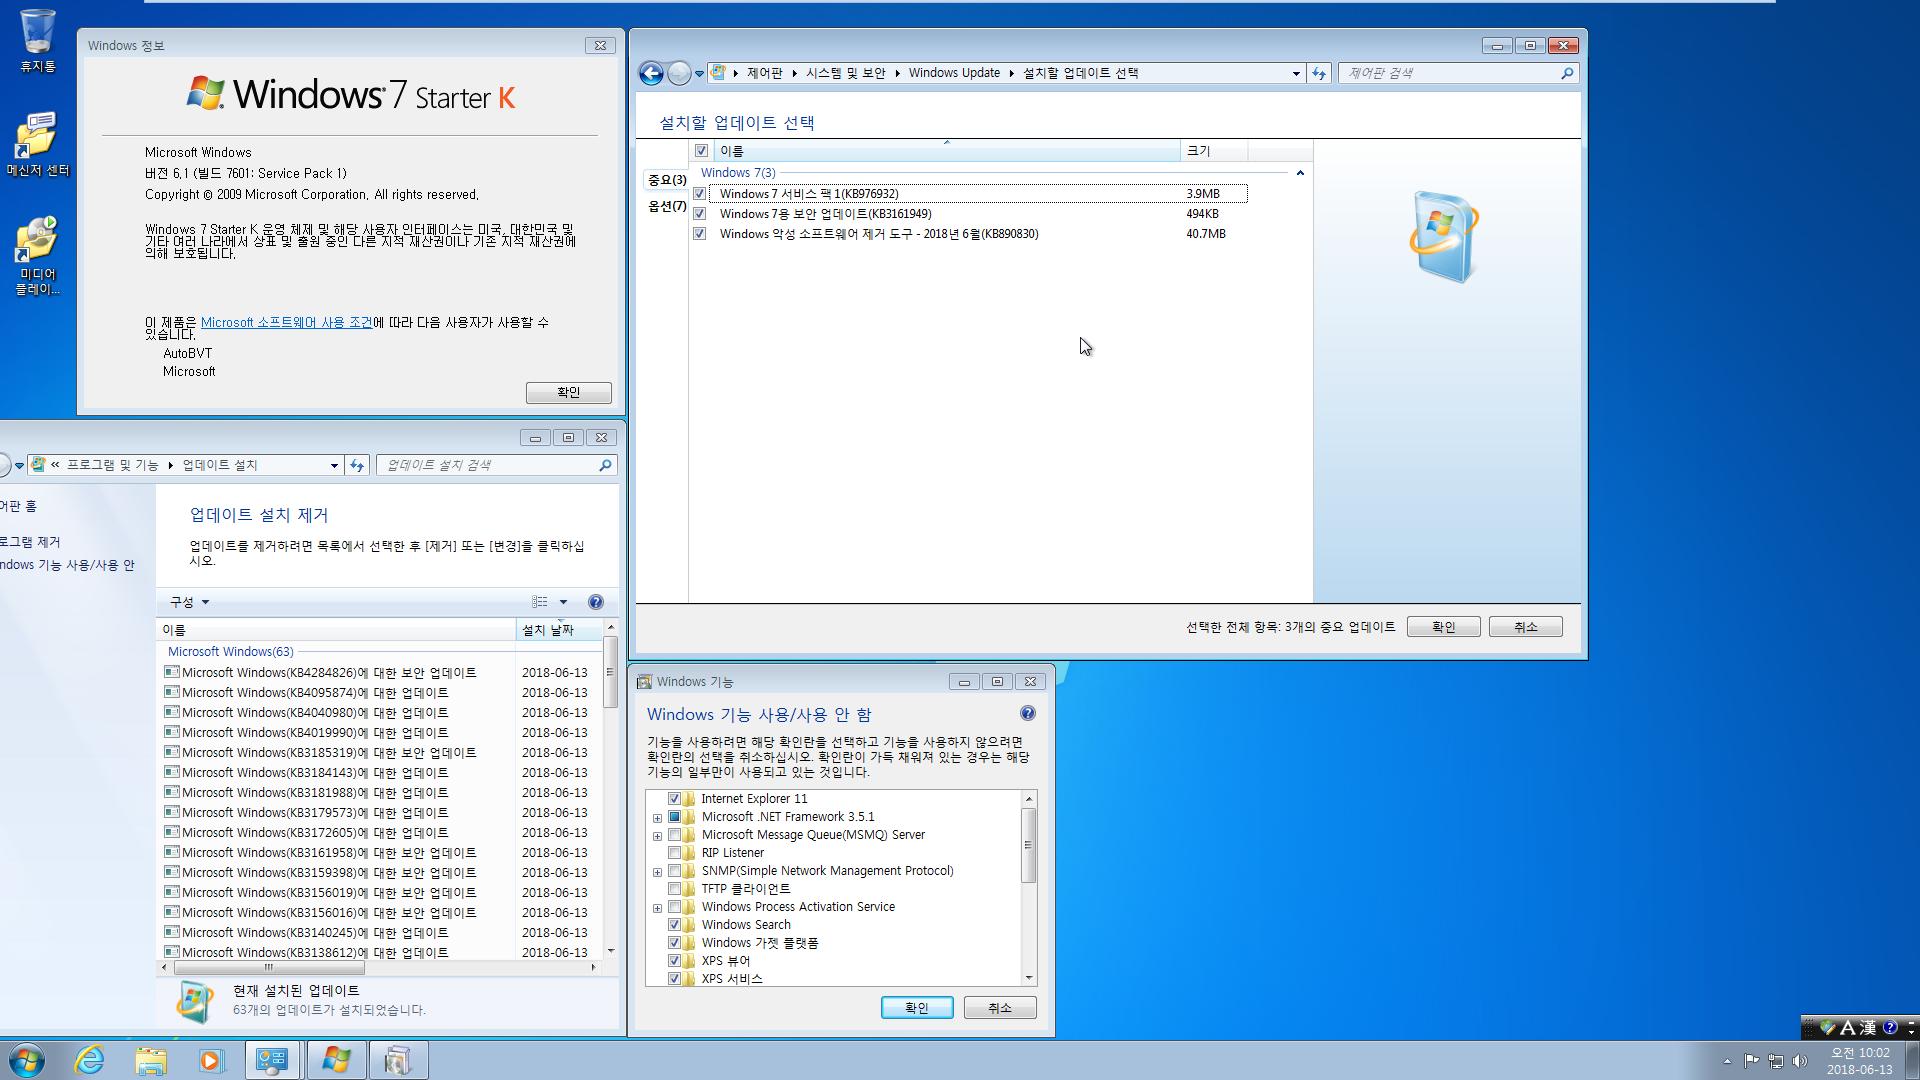 Windows 7 롤업 업데이트 KB4284826 (OS 빌드 7601.24149) IE11 통합중 입니다 2018-06-13_100239.png